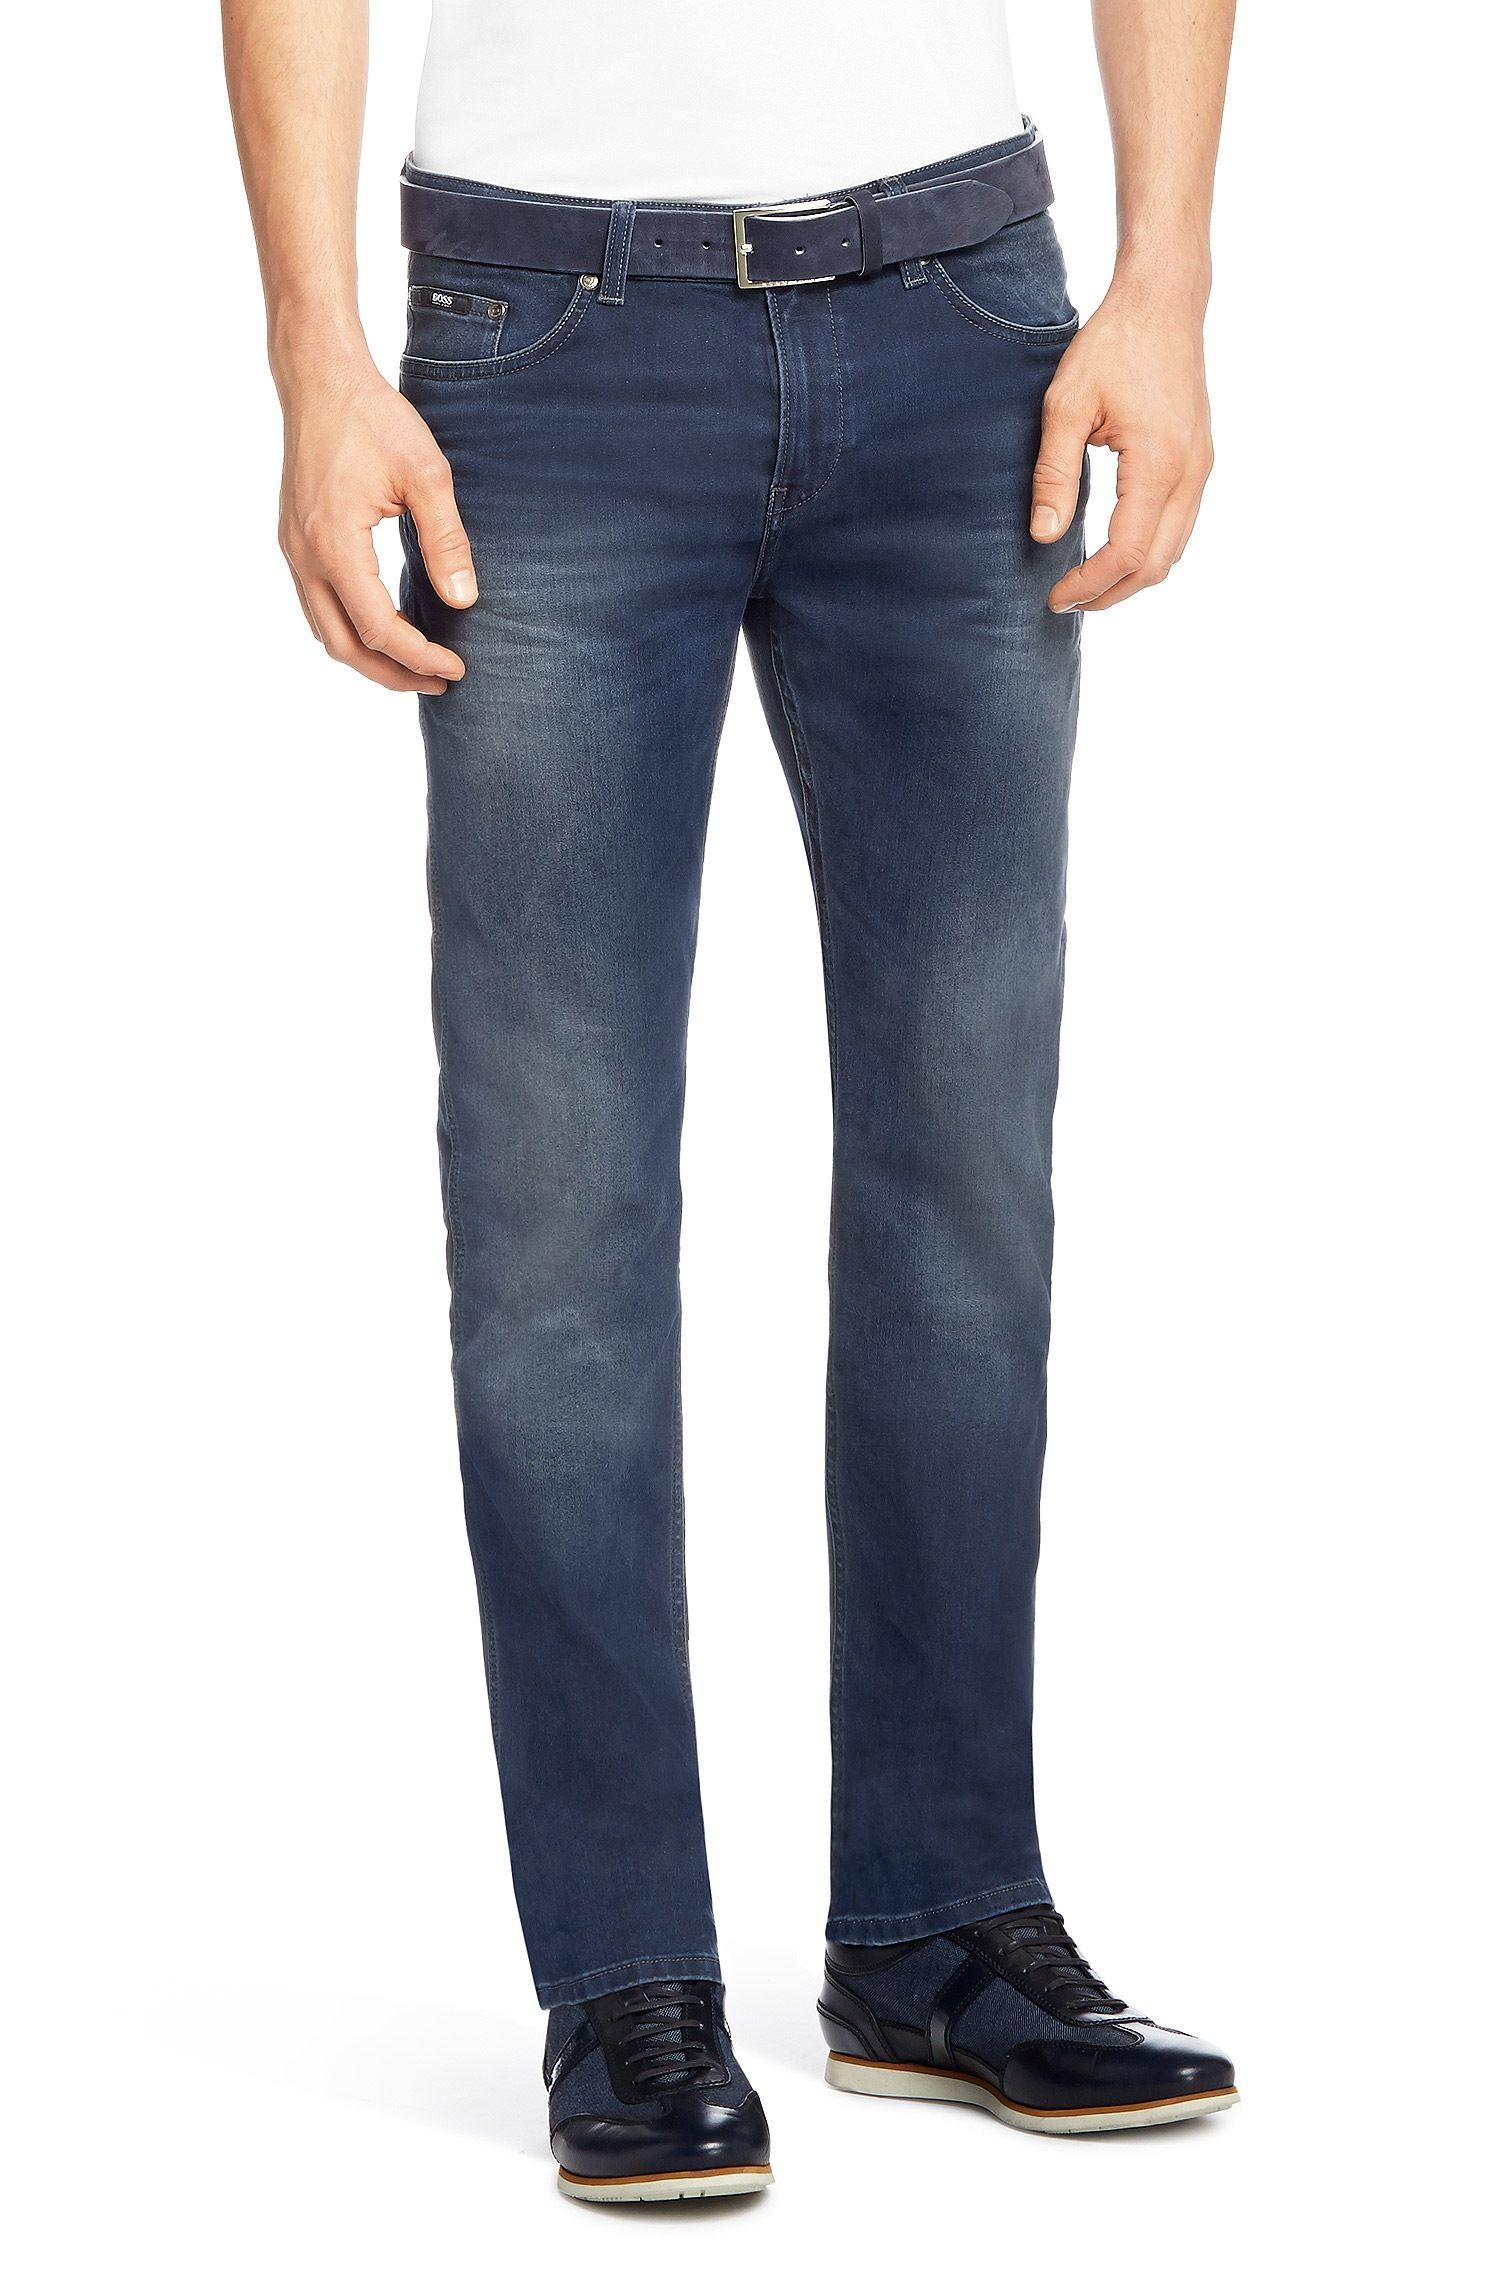 BOSS Jeans Slim Fit Delaware1 en coton mélangé prix Jeans homme Hugo Boss  155.00 €